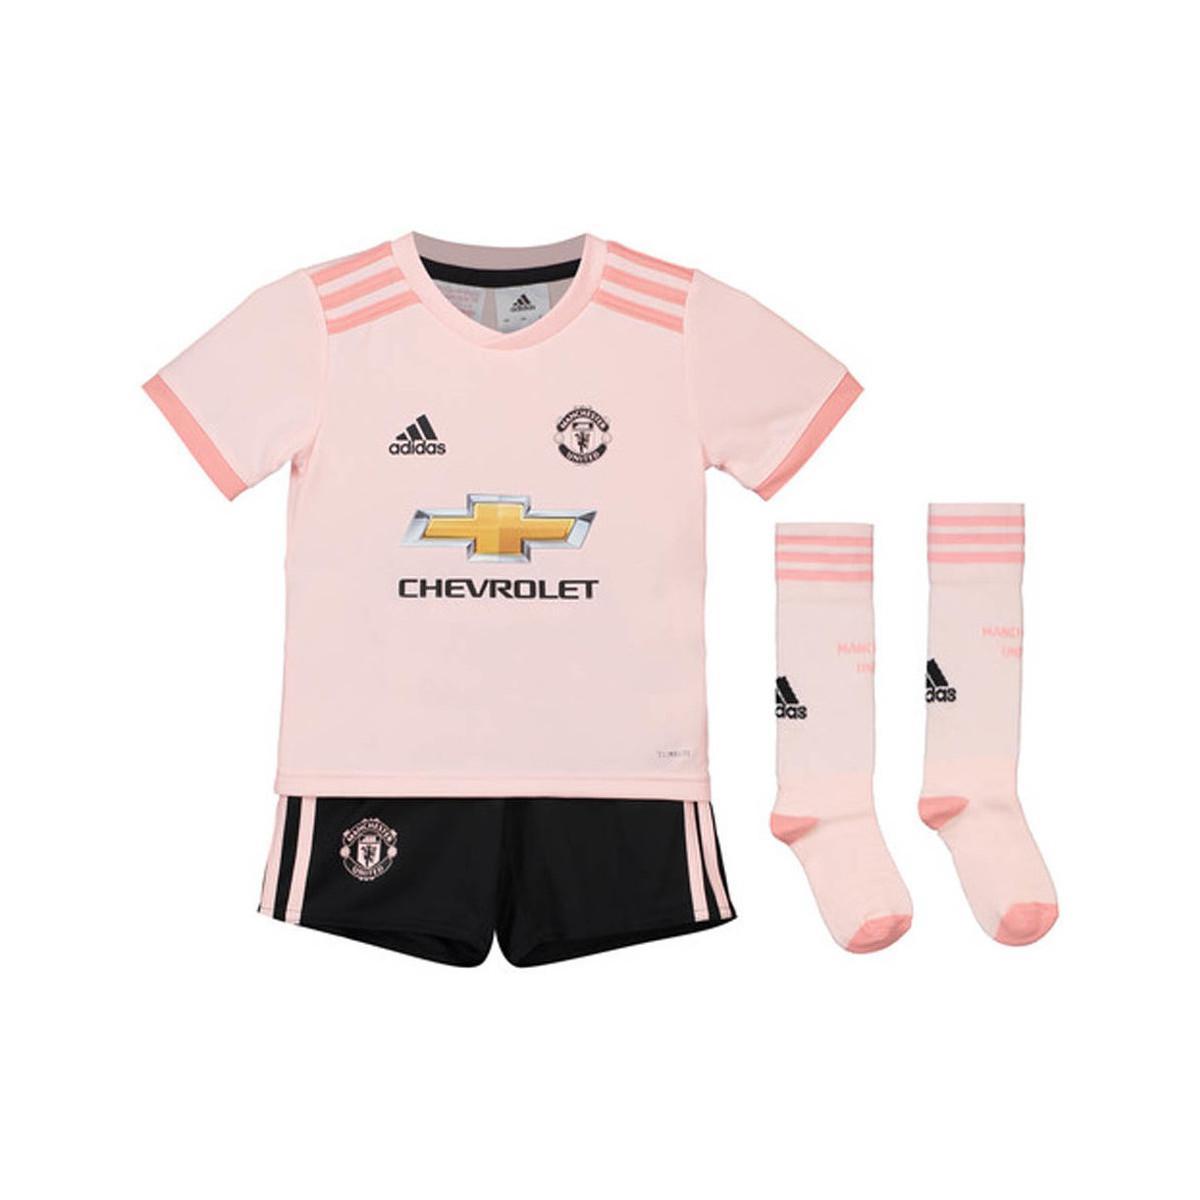 Manchester United Shirt 201819 Pink. 1819 Liverpool GoalKeeper Pink Soccer Jersey  Shirt 12018 2599 9bfde5864